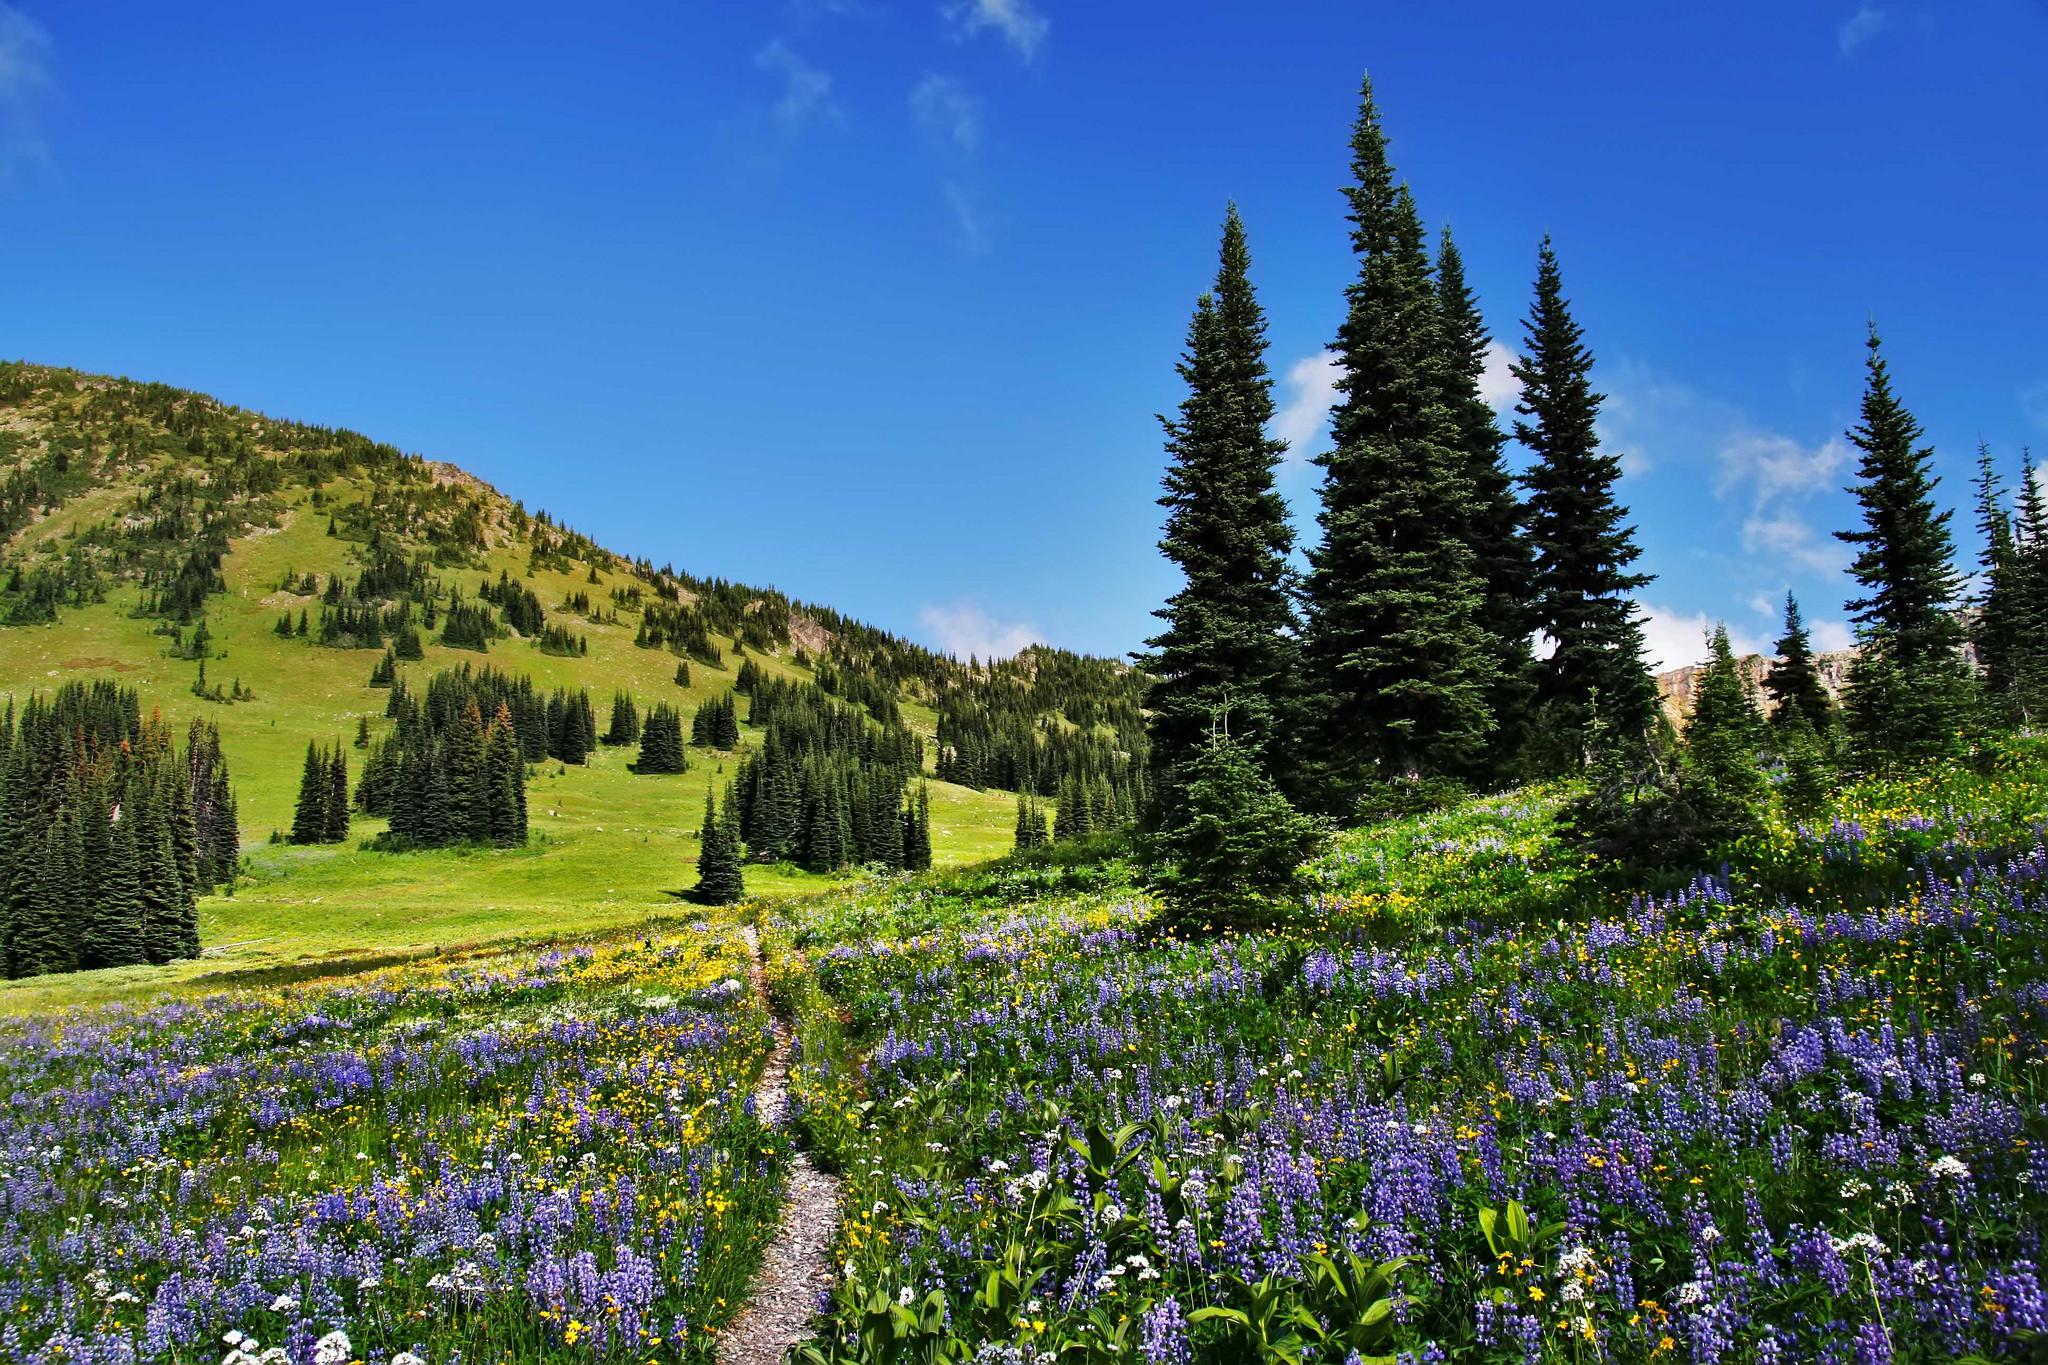 Обои Полевые дары флоры повдоль Тихоокеанской тропы гребня, хамада Пасайтен, поле, деревья